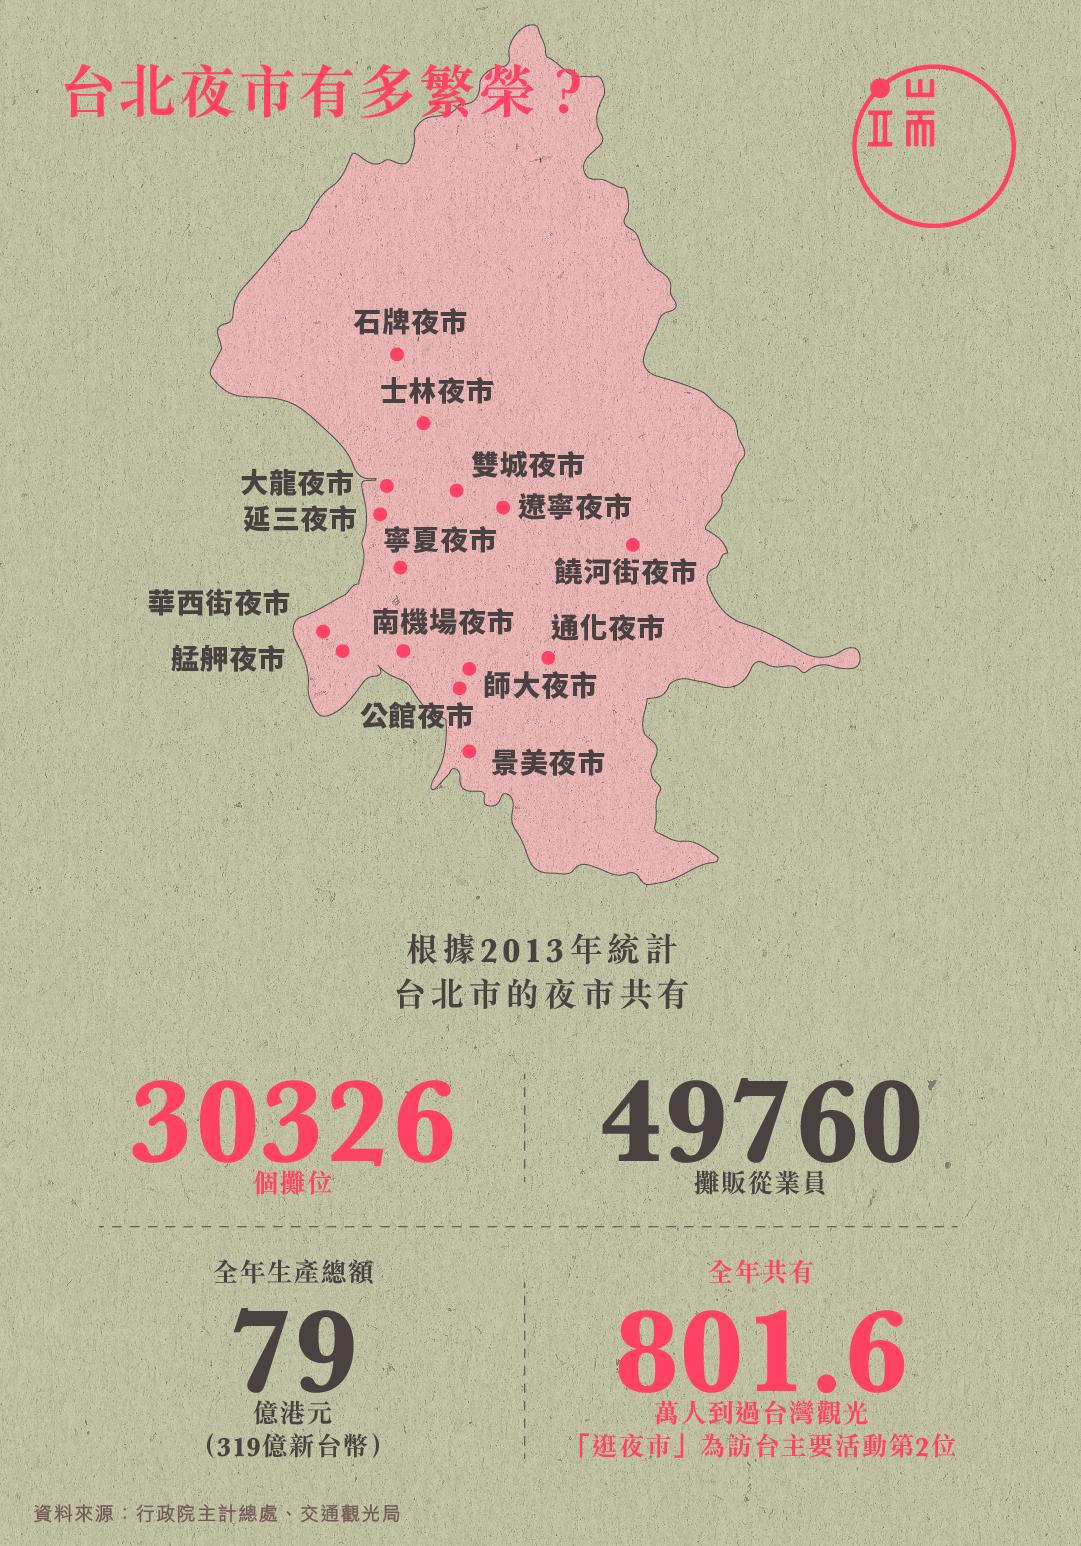 台北夜市有多繁榮?